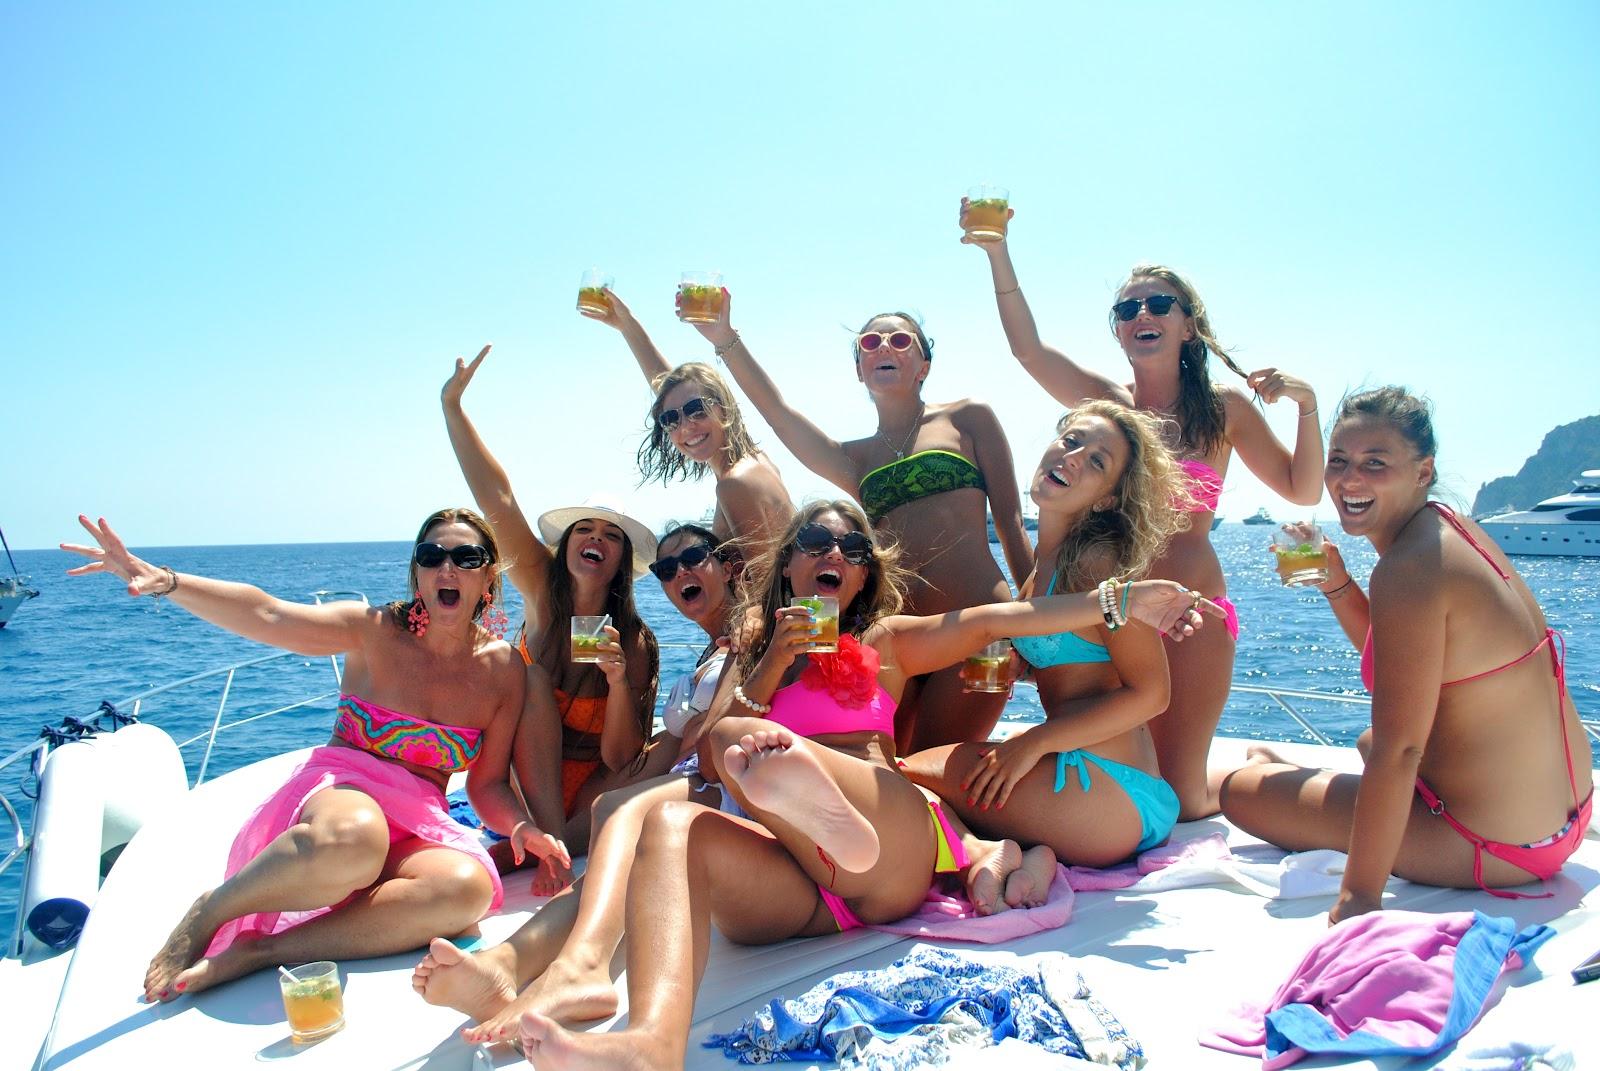 Donde Estan Las Chicas Solteras Dj Blaster Prostitutas En Baracaldo-90290